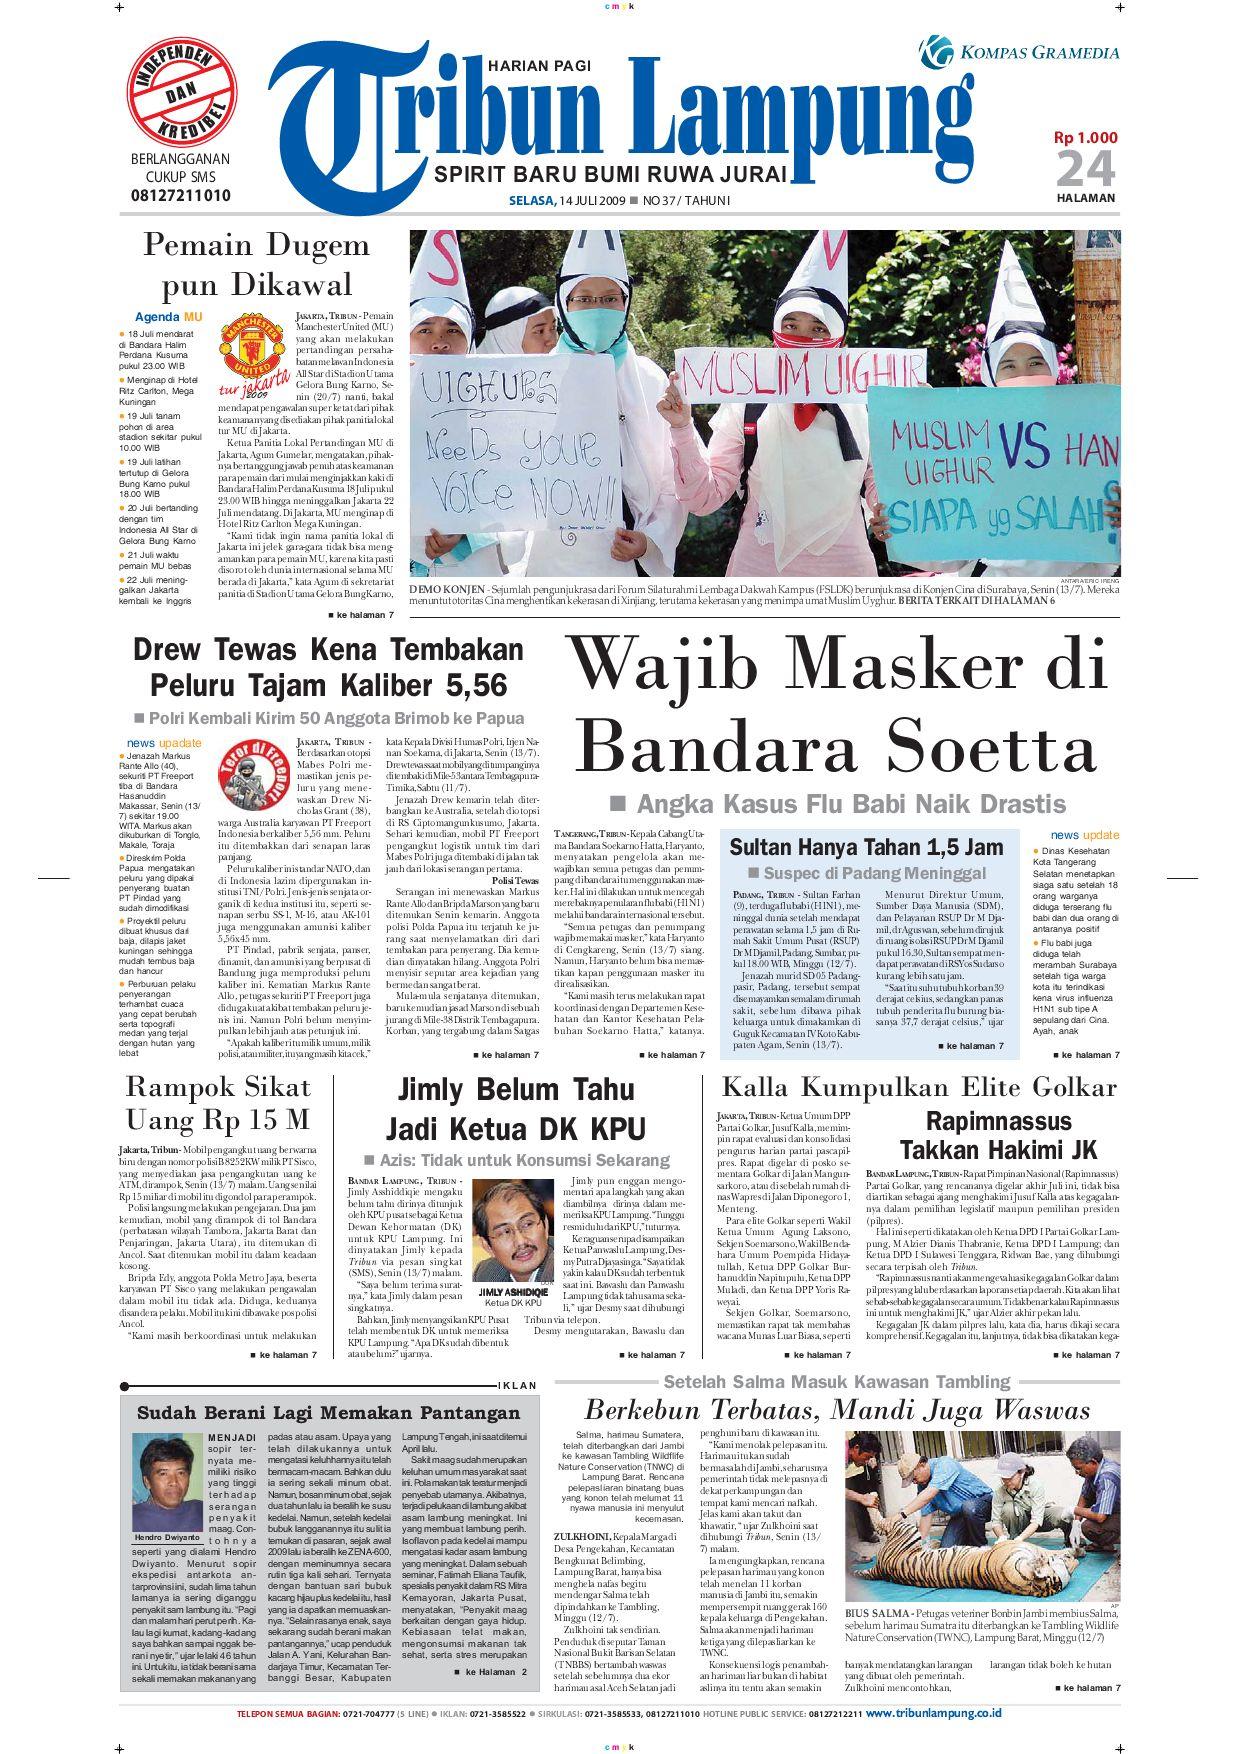 Tribun Lampung 140juli 2009 By Issuu Kopi Bubuk Asli Pagar Alam Butik 3 Size Plg